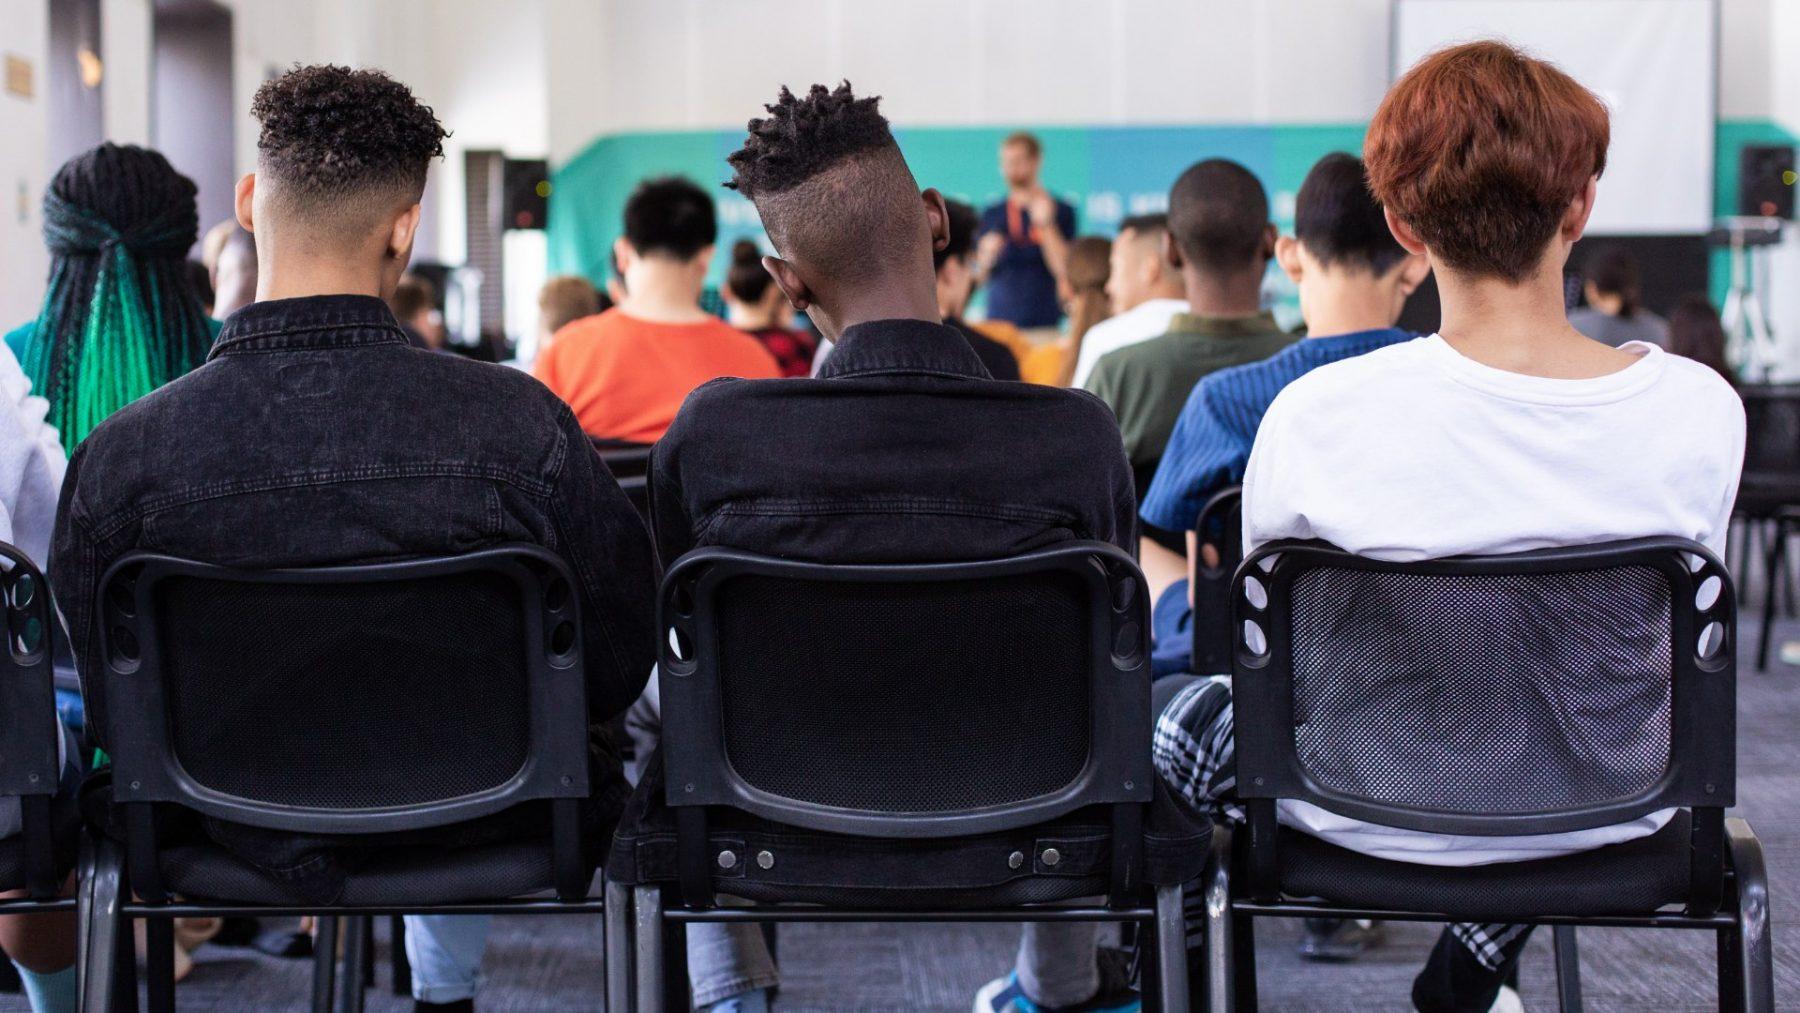 Kabinet investeert in onderwijs maar biedt geen oplossing voor structurele problemen